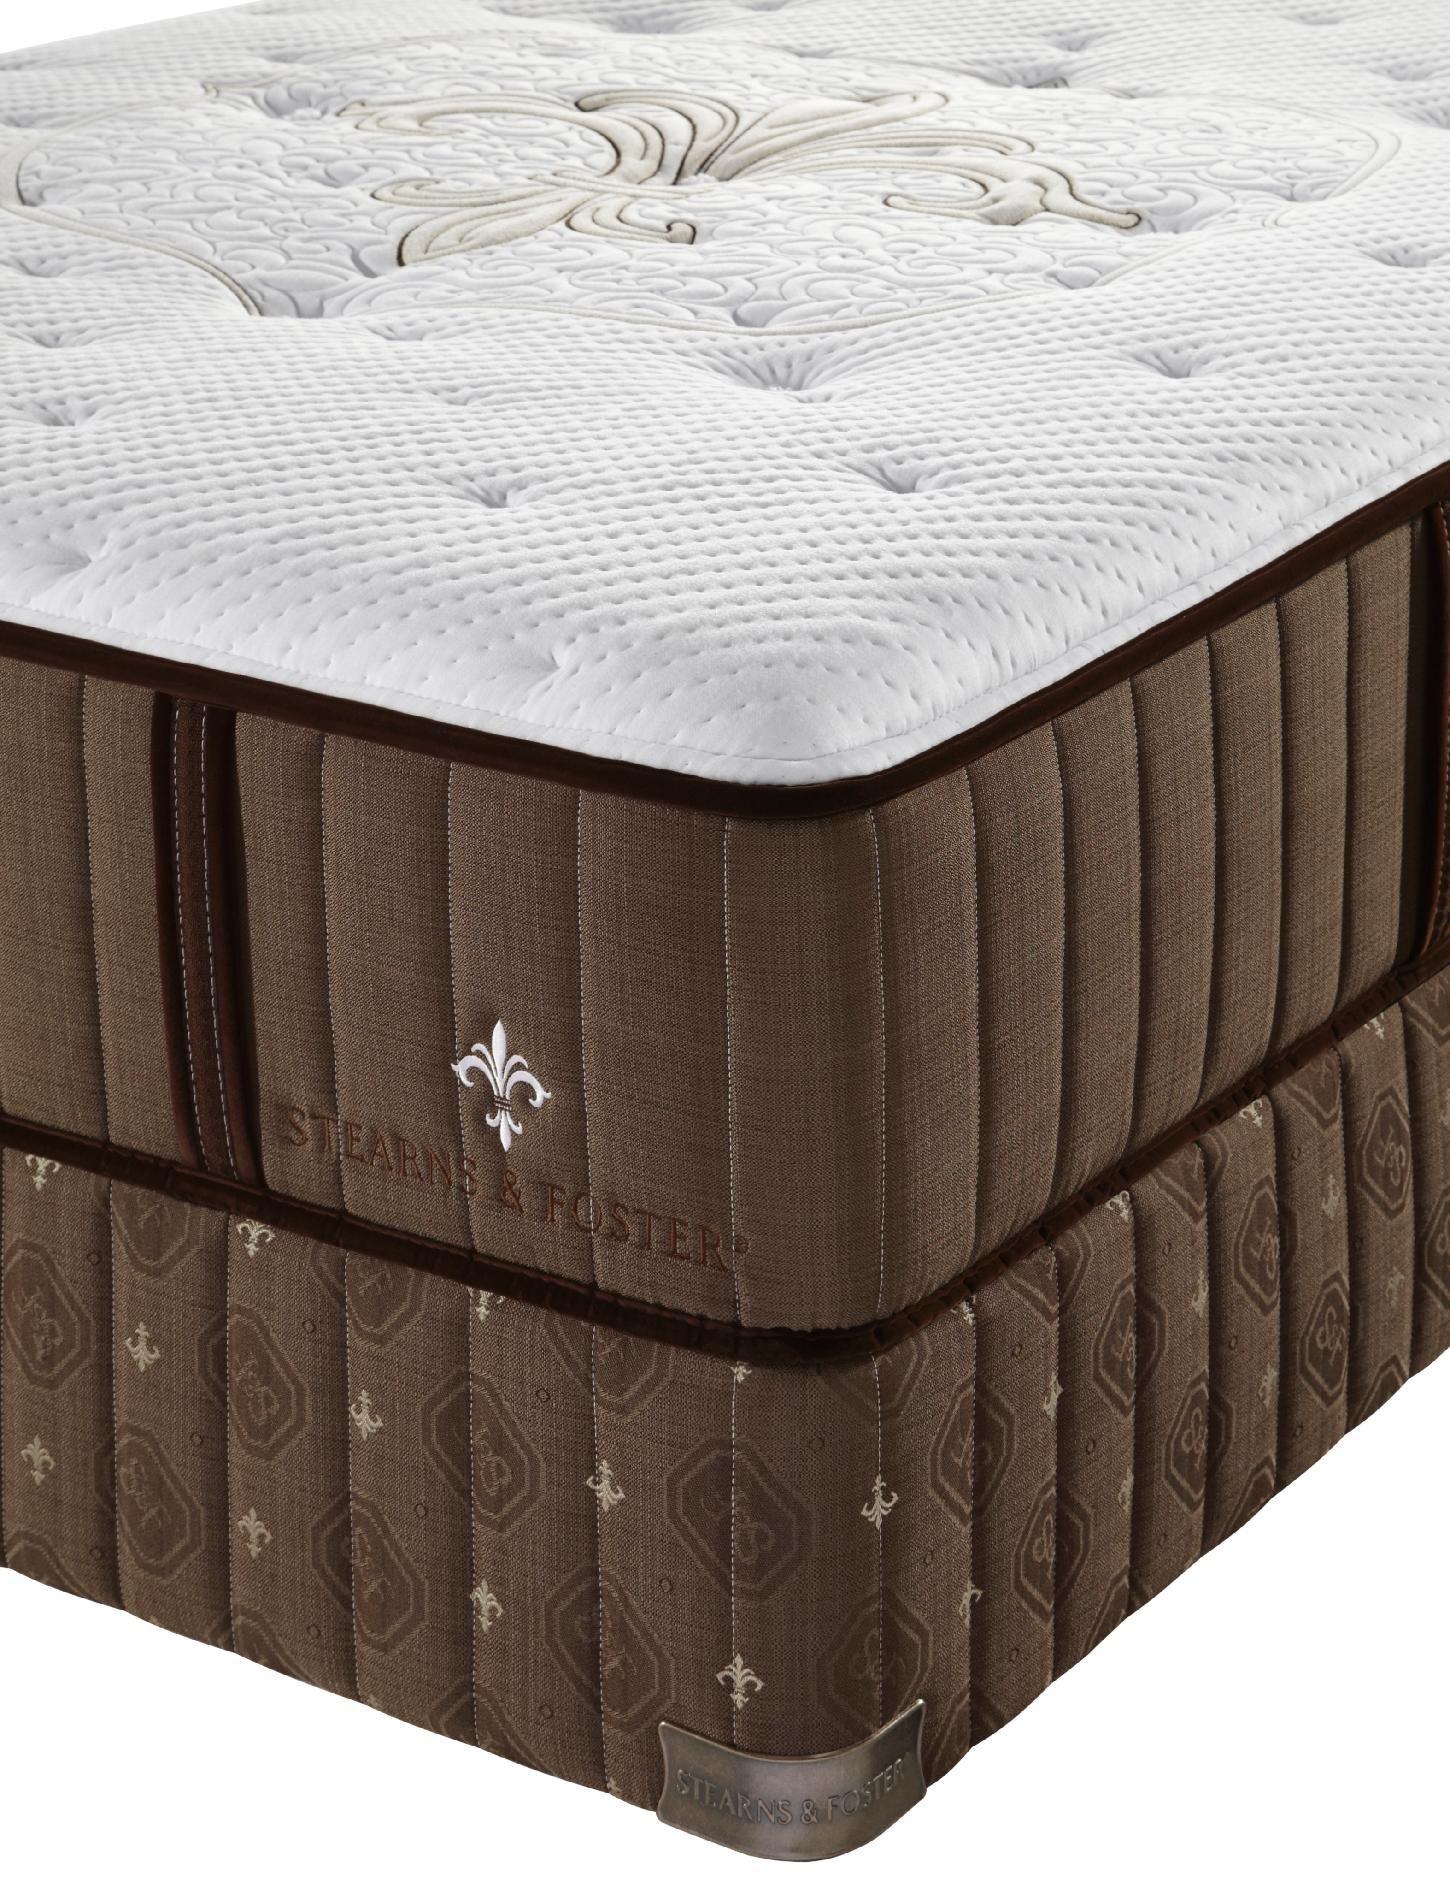 lux estate stowmarket ultra firm twin xl mattress 50 off home